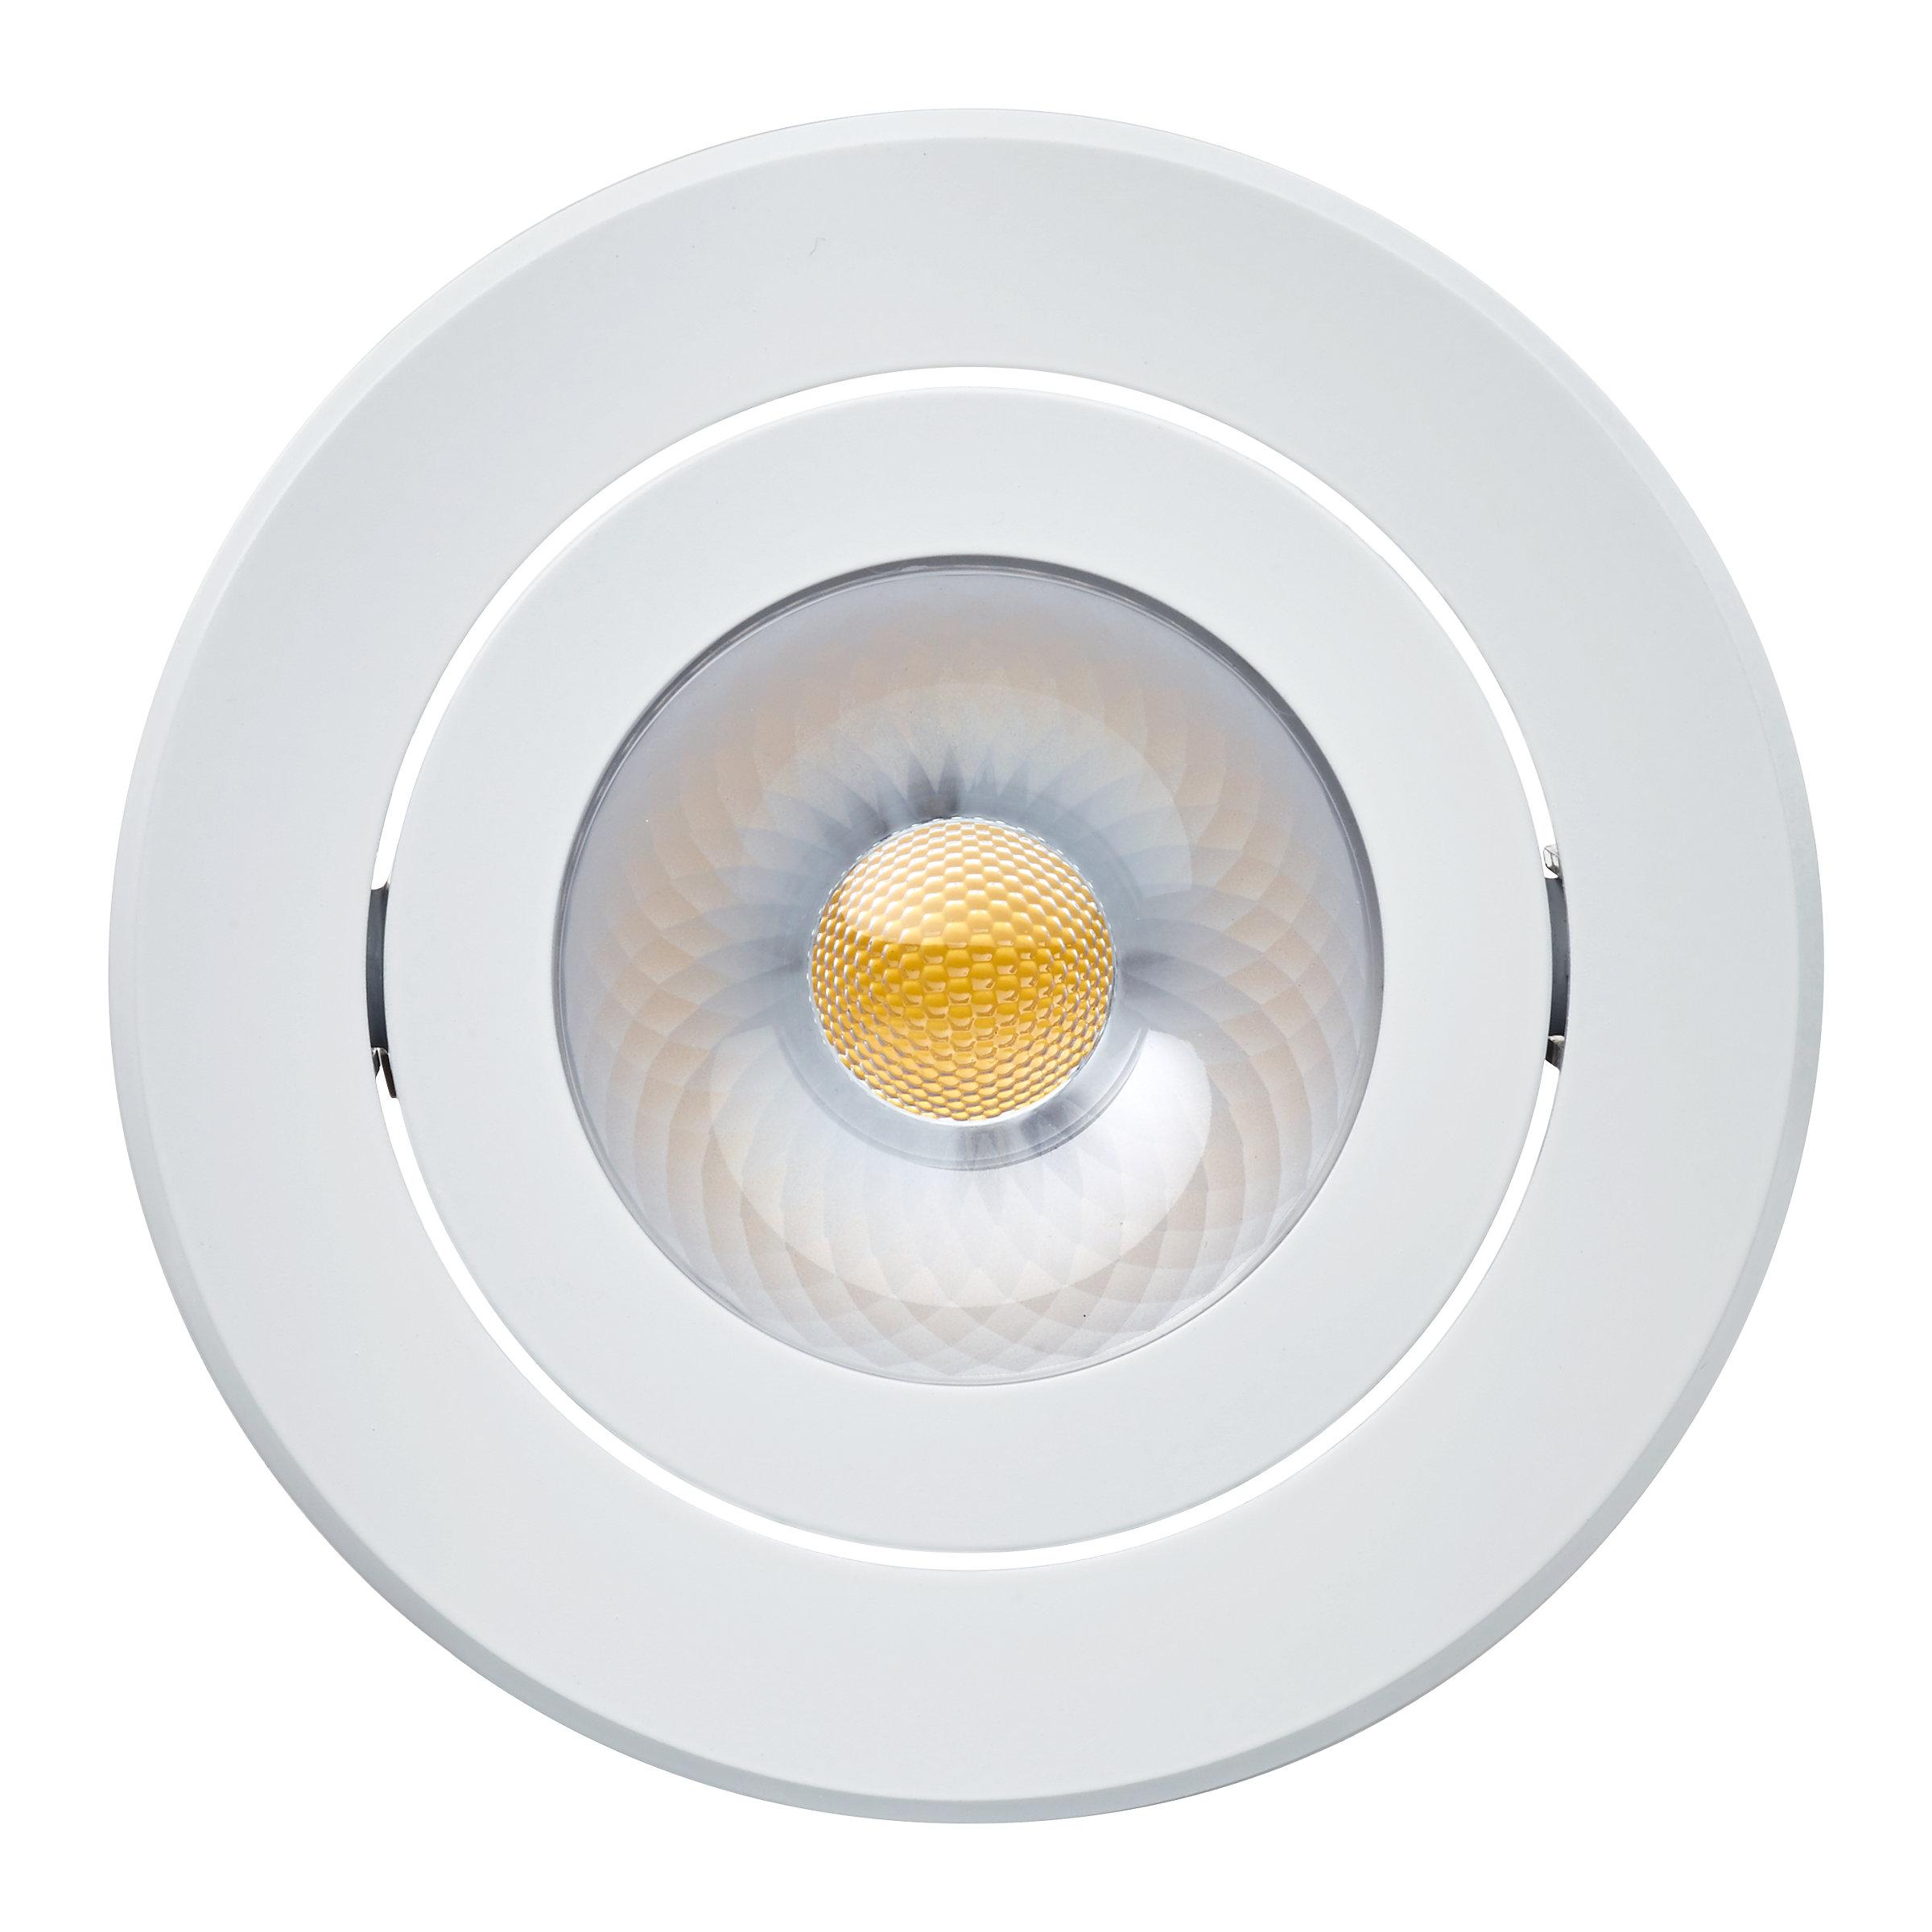 Philips CORELINE Inbouwspot LED 1x8W/650lm Rond Wit